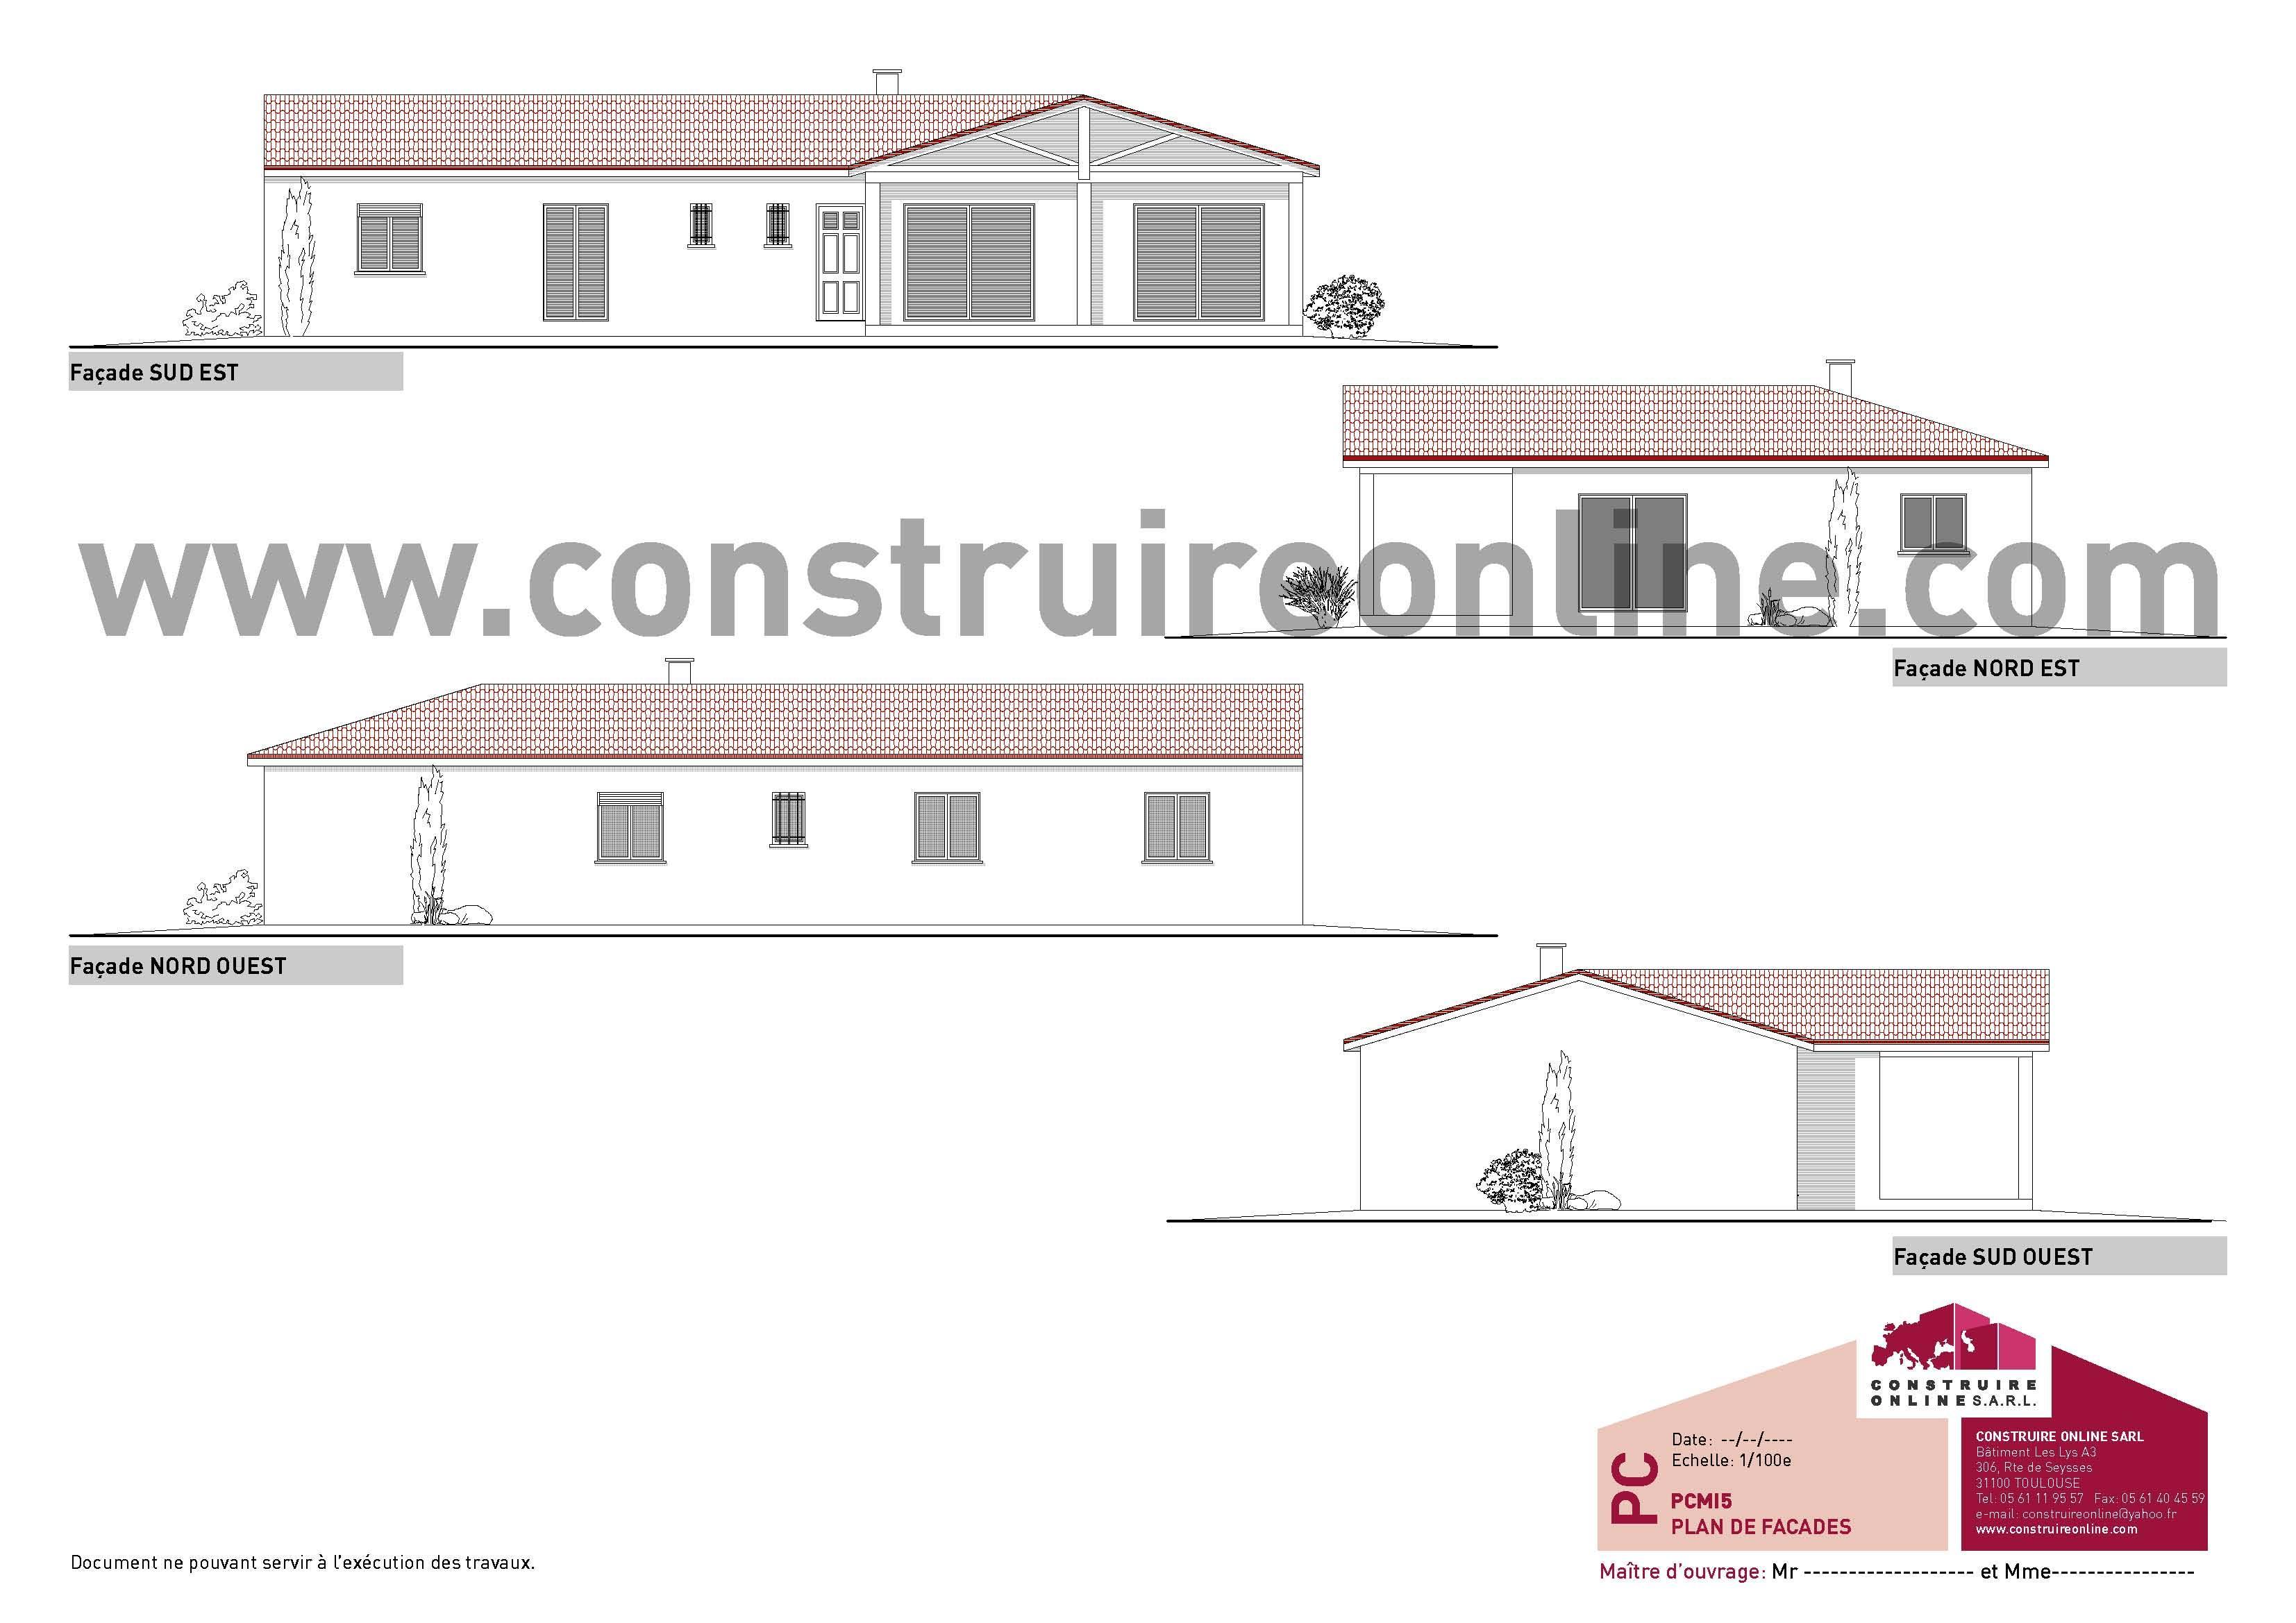 Elegant Pice Pmi Permis De Construire De Maison Uac Voir Permis De With Construire  Online Com Plan De Maison Catalogue